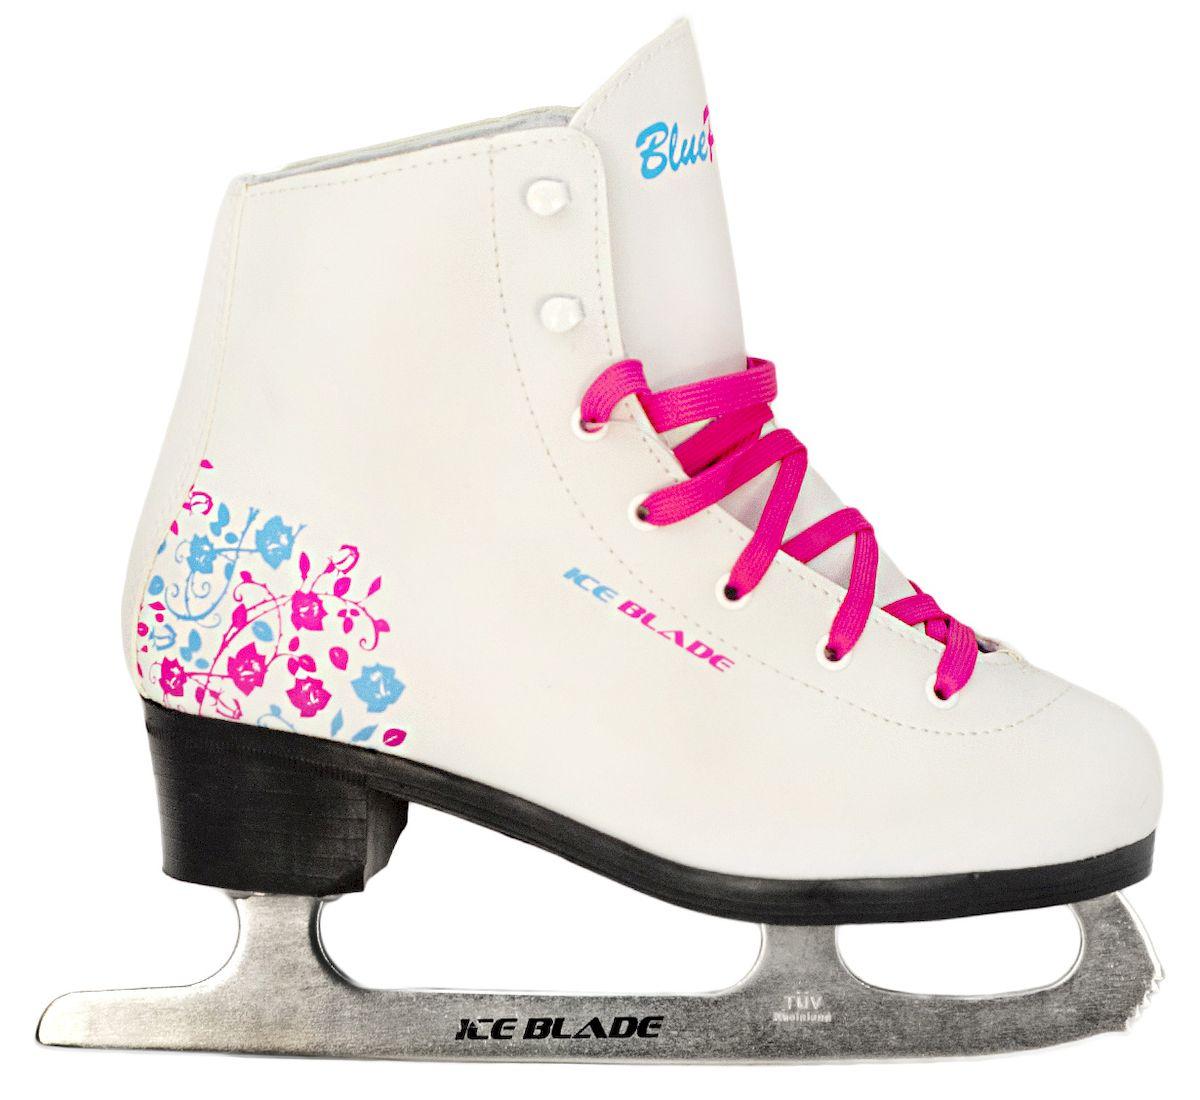 Коньки фигурные Ice Blade BluePink, цвет: белый, розовый, голубой. УТ-00006869. Размер 37УТ-00006869Коньки фигурные Ice Blade BluePink предназначены для любительского фигурного катания. Яркий и нестандартный дизайн модели BluePink совмещает голубой и розовый цвет. Более того, в комплекте помимо розовых шнурков идет пара голубых, пусть каждая любительница катания на коньках выберет для себя, какой цвет ей больше по душе.Ботинок анатомической конструкции выполнен из высококачественной искусственной кожи, покрытой полиуретаном, защищающим от влаги. Внутренняя набивка из специального материала, комфортно адаптирующегося к форме ноги. Внутренняя отделка из мягкого вельвета.Лезвия изготовлены из высокоуглеродистой стали, сертифицированной TUV Rheiland. Коньки поставляются с заводской заточкой лезвия, что позволяет сразу приступить к катанию, не тратя время и денег на заточку. Коньки подходят для использования на открытом и закрытом льду.